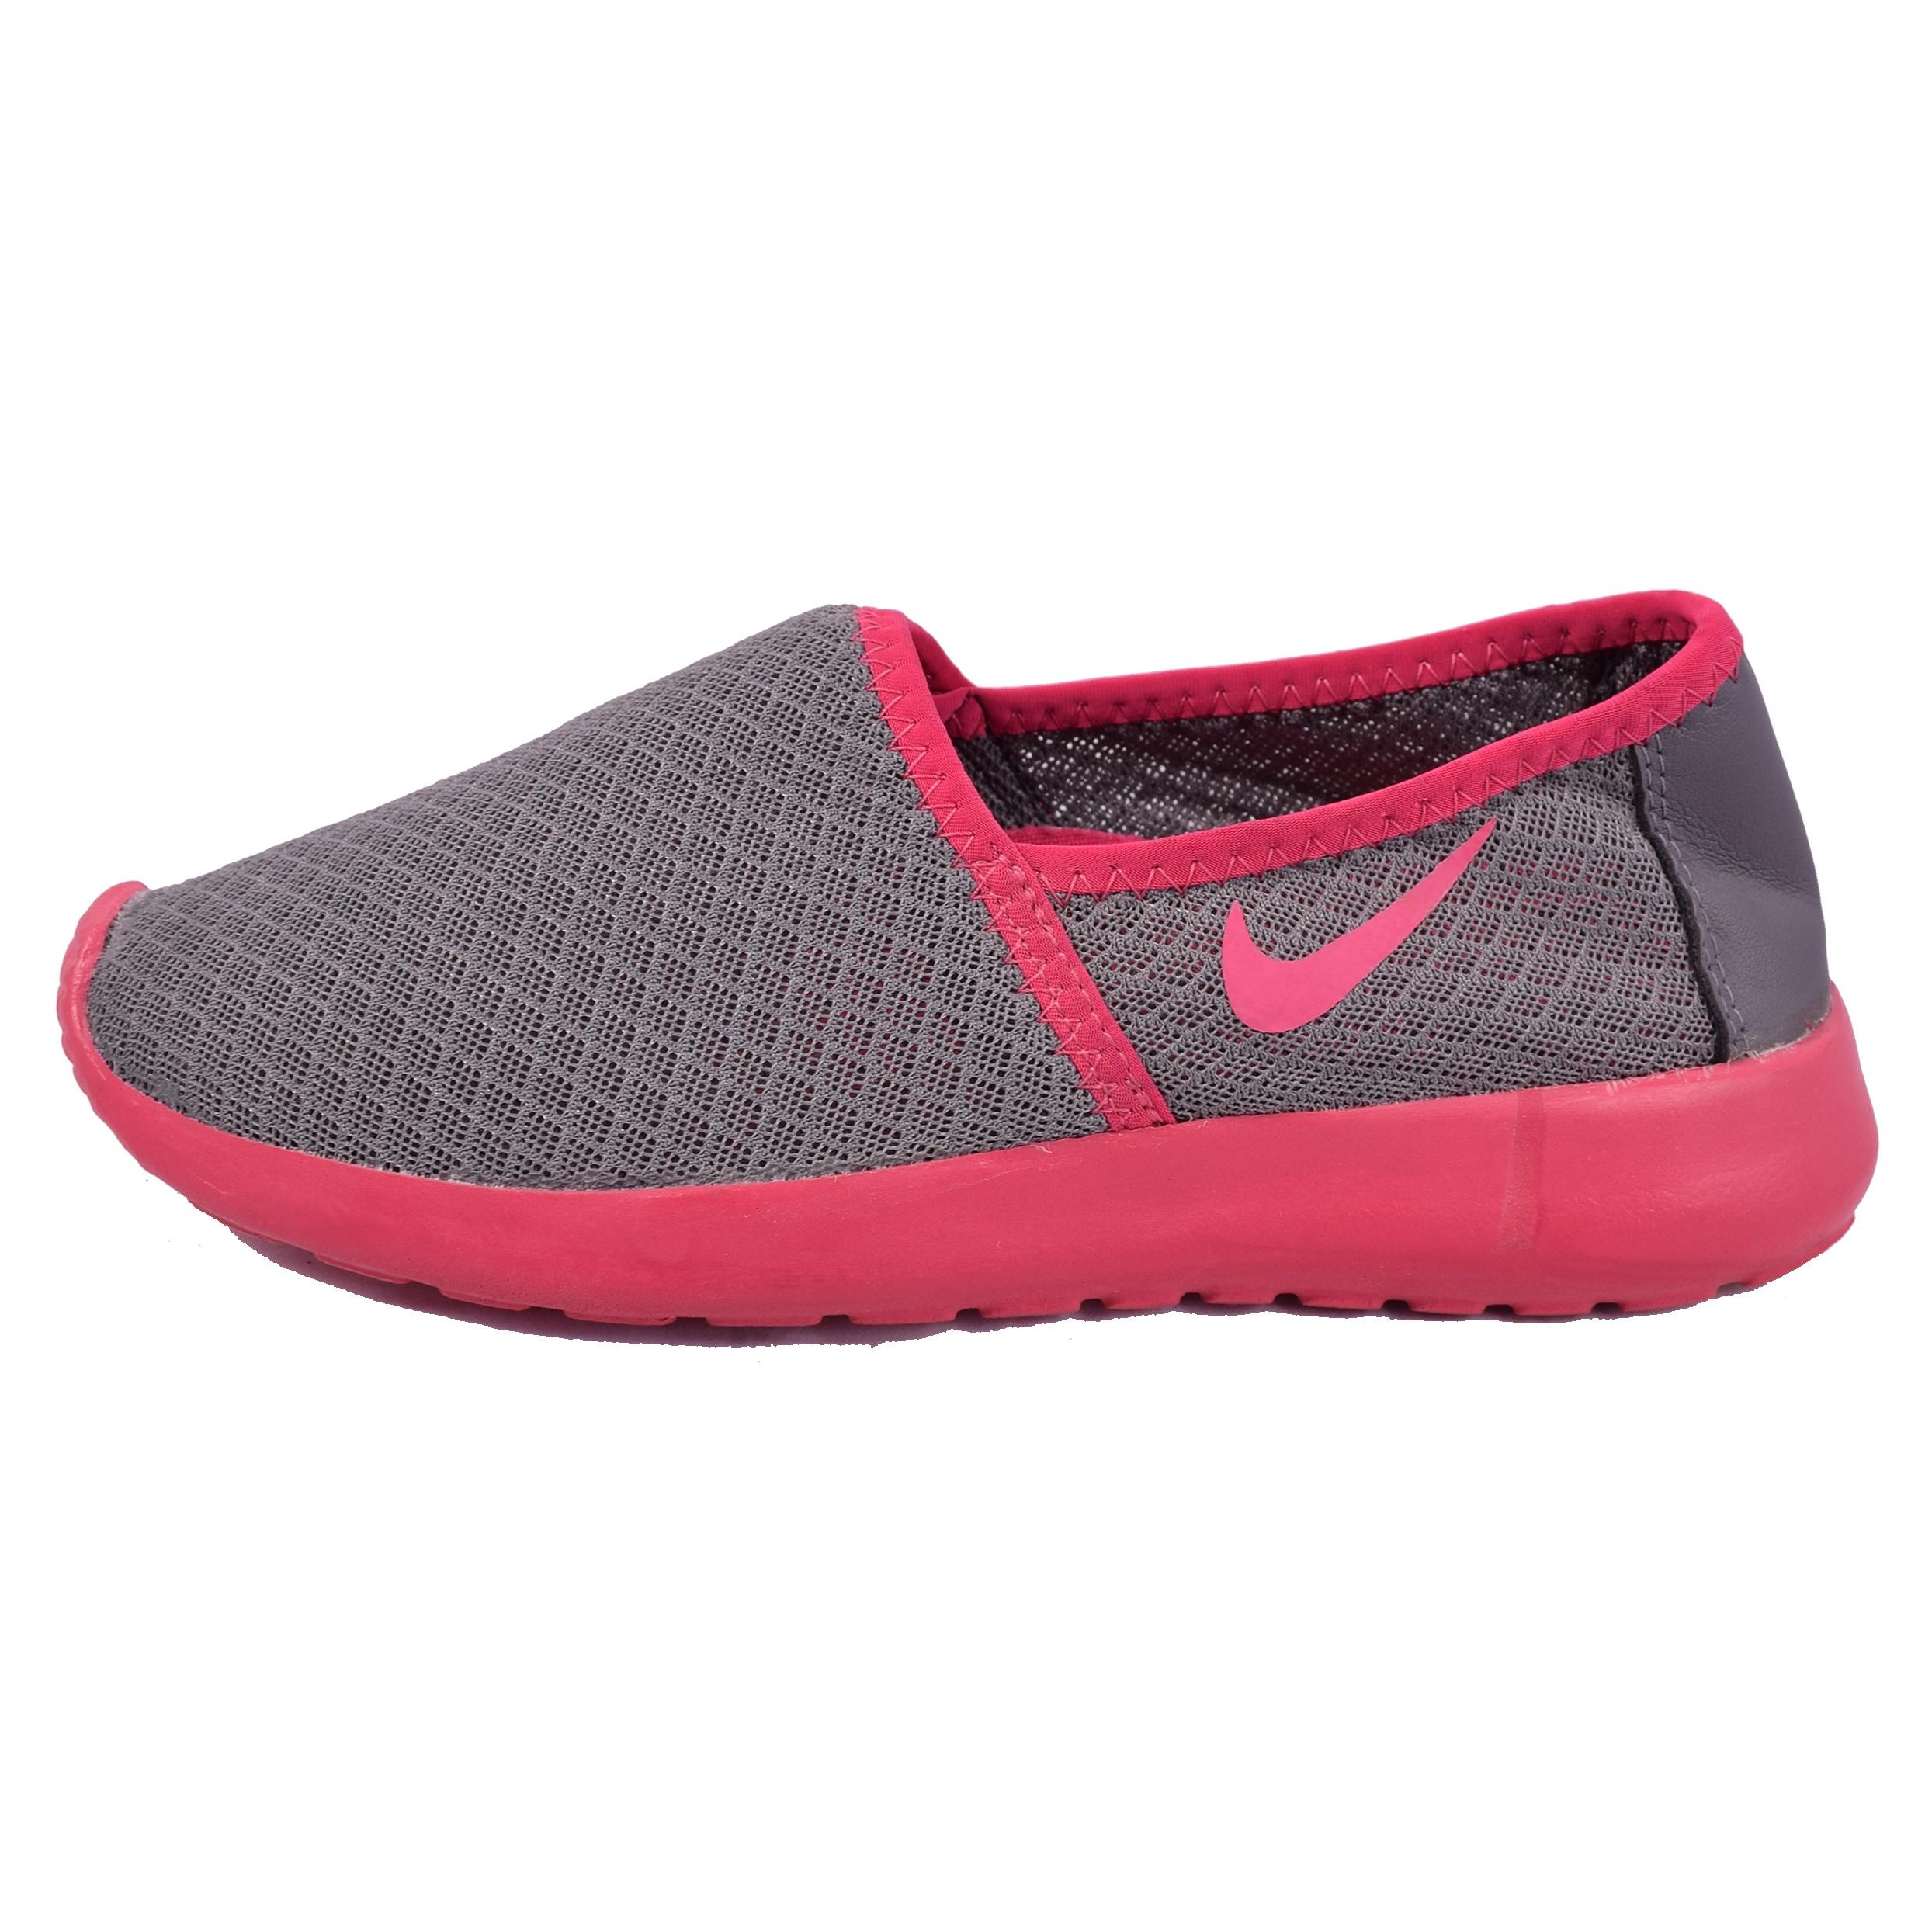 کفش مخصوص پیاده روی زنانه مدل هانی کد671 رنگ طوسی